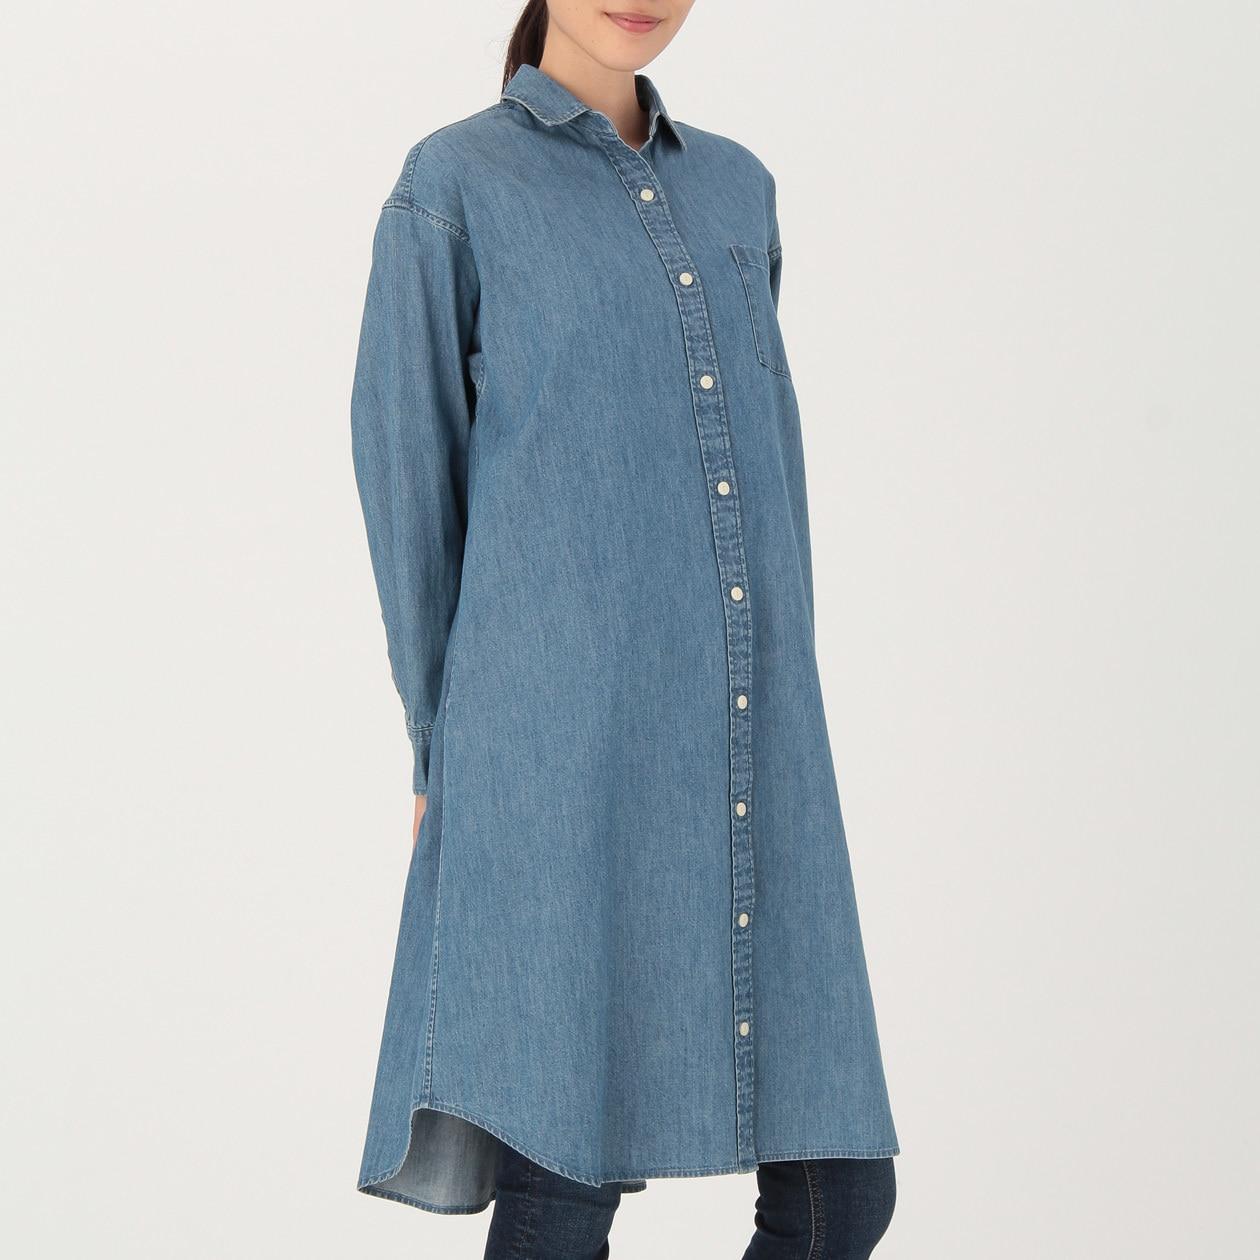 女有機棉丹寧襯衫洋裝 深藍XS~S   無印良品